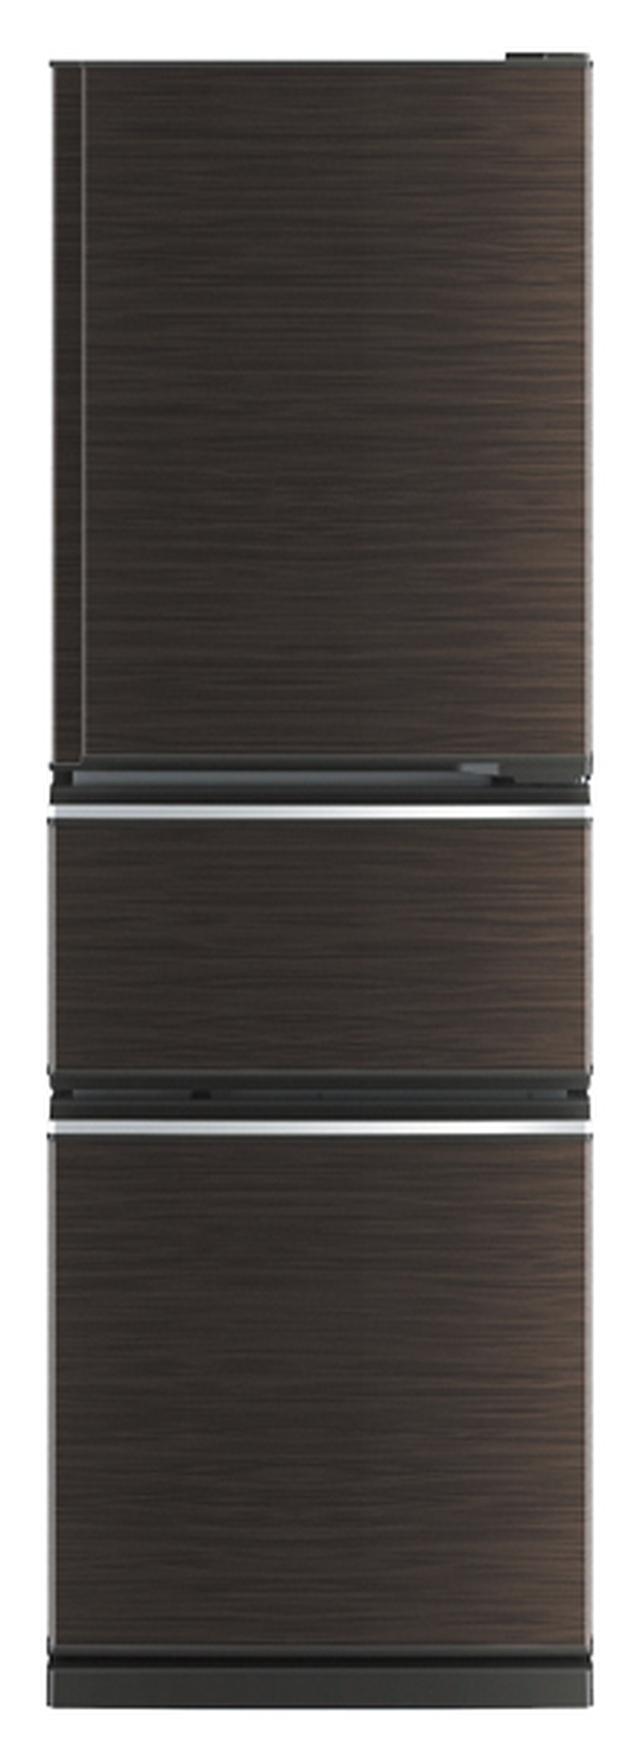 画像1: 冷蔵庫は、価格もこなれた今がねらい目! 注目したい厳選5モデルを紹介!